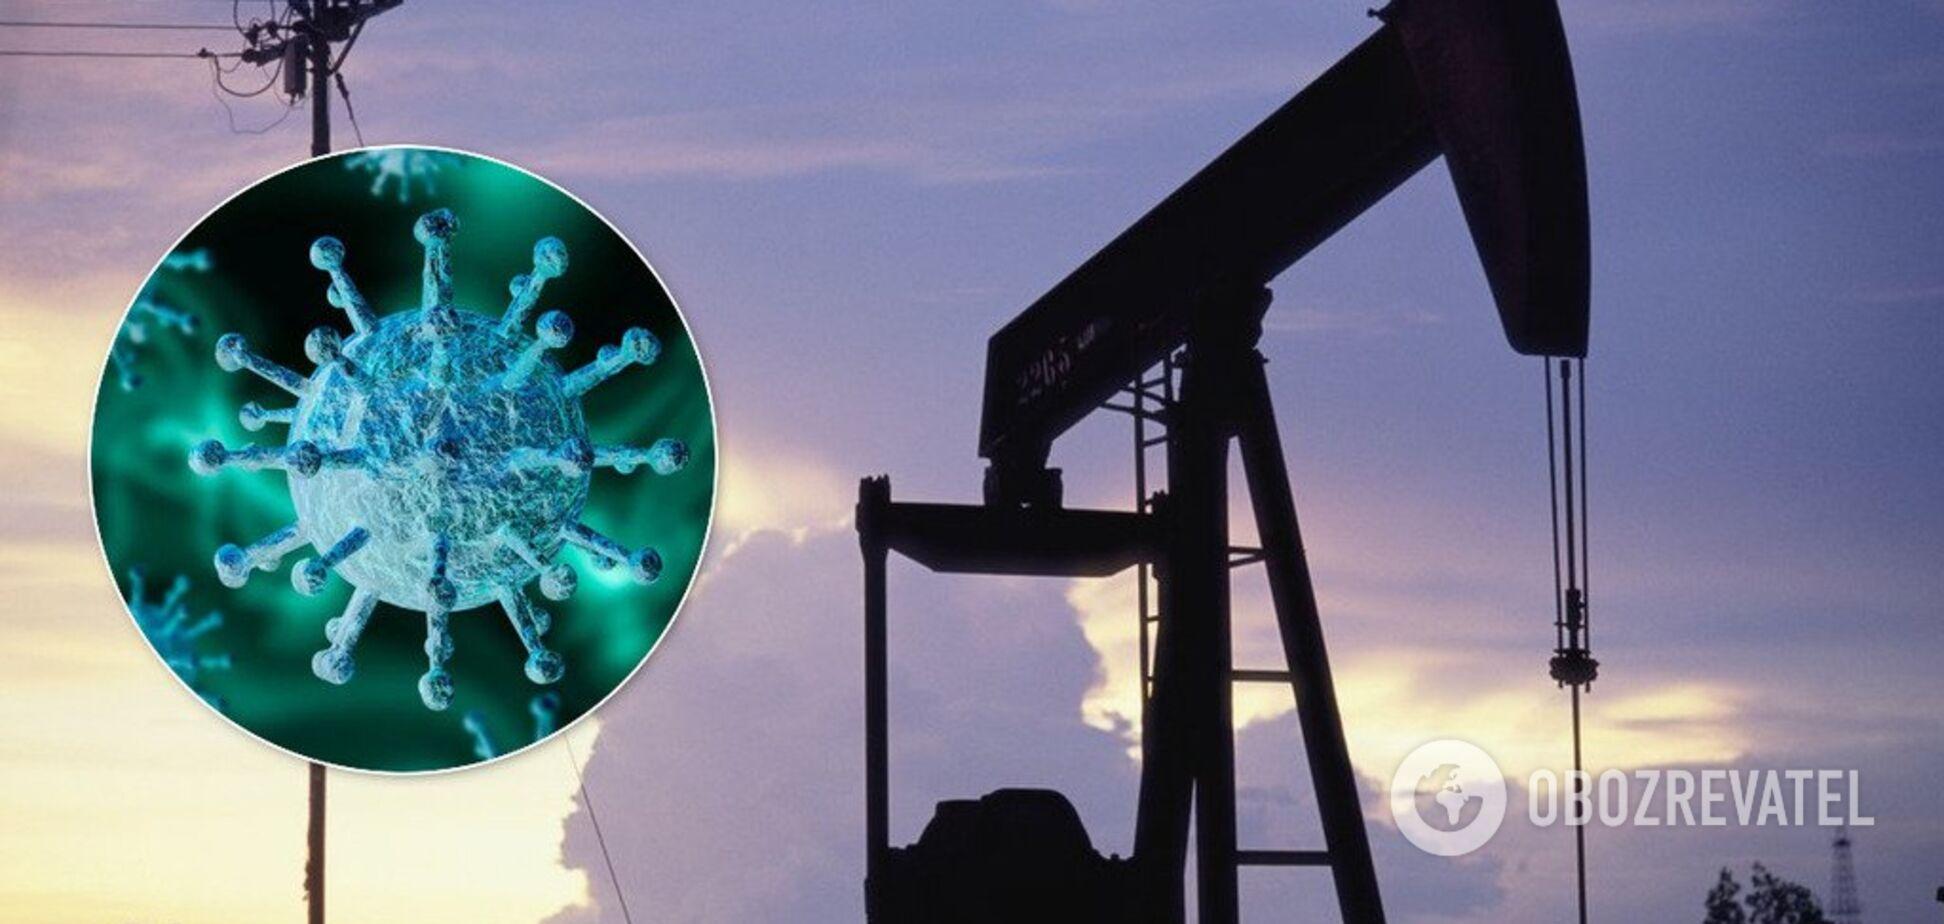 Мировая нефть подскочила в цене, несмотря на эпидемию коронавируса